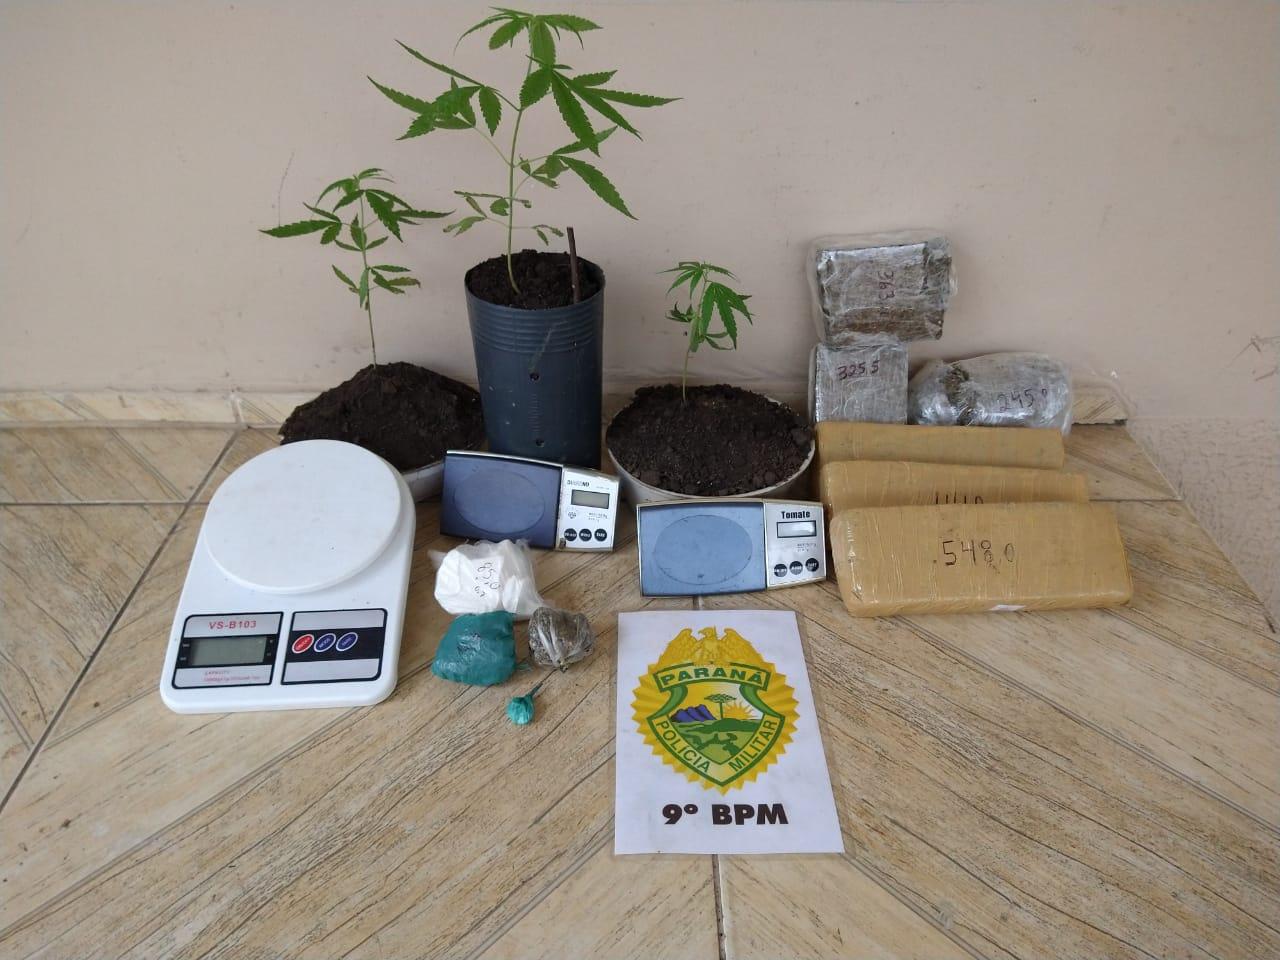 Polícia Militar apreende mais de 2 quilos de maconha